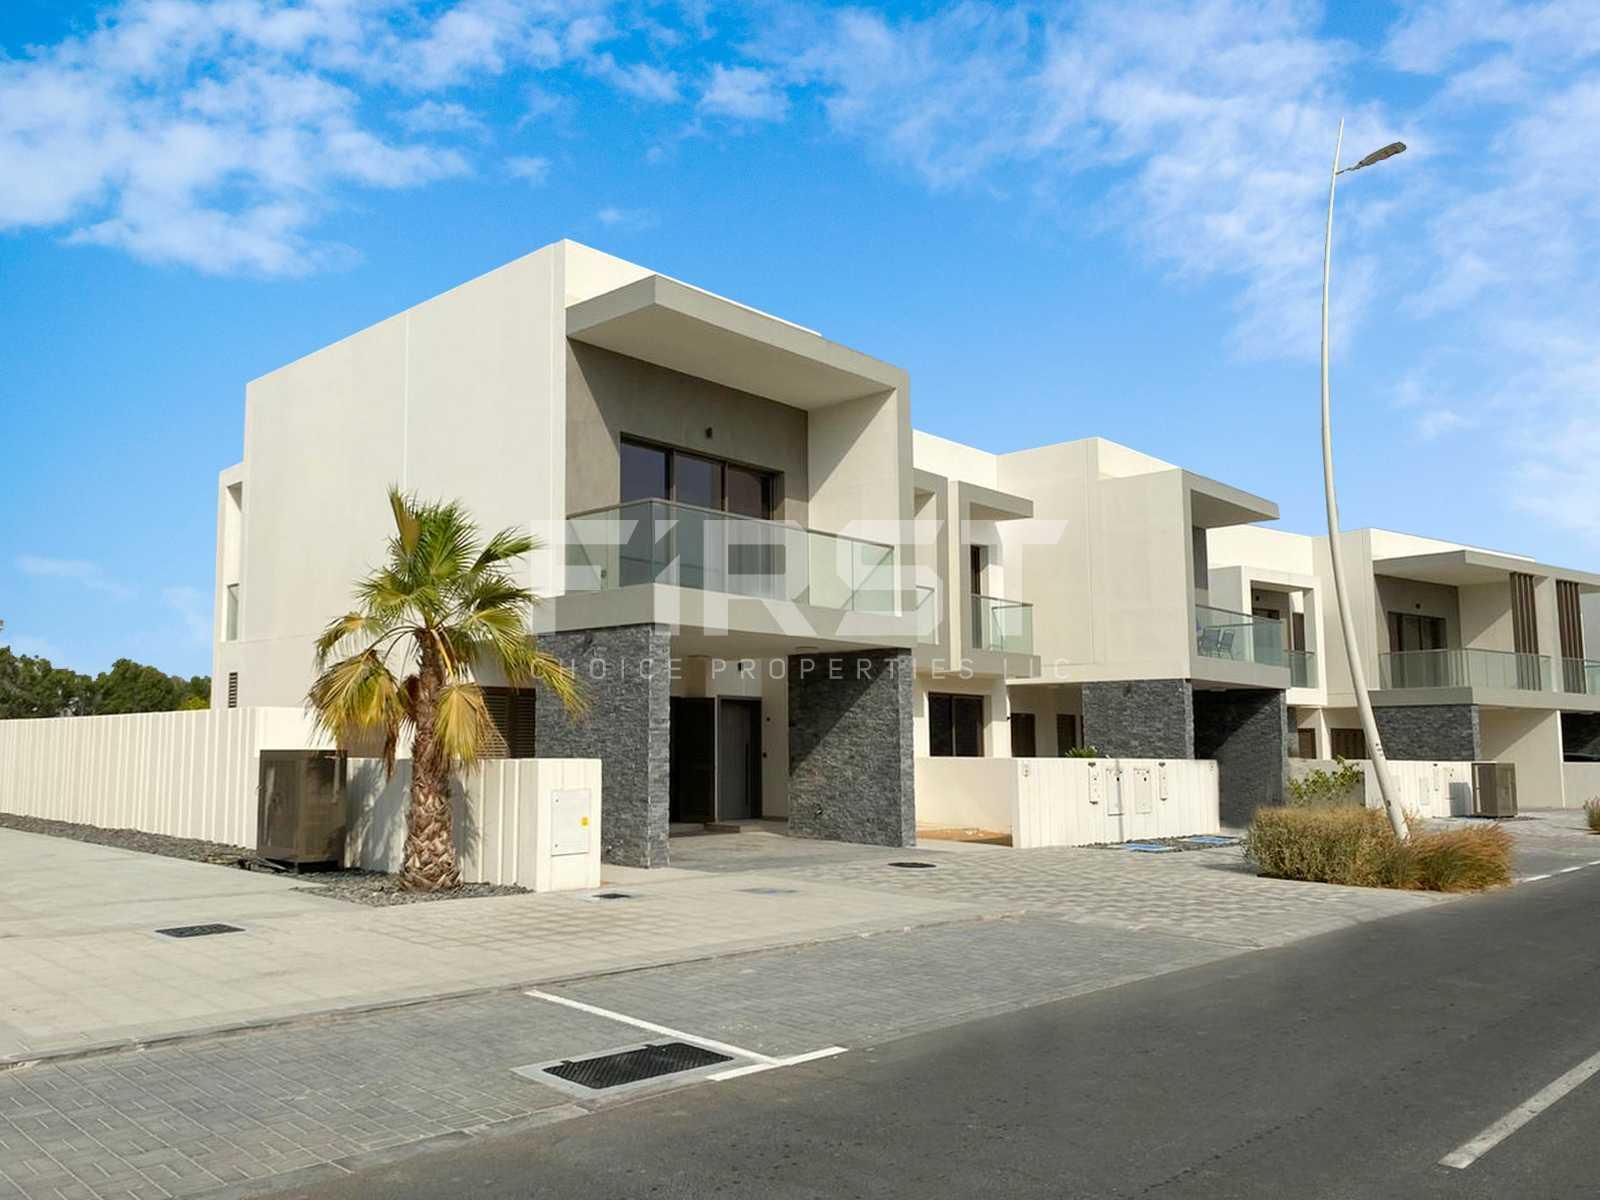 External Photo of 4 Bedroom Duplex Type 4Y in Yas Acres Yas Island AUH UAE (1).jpg